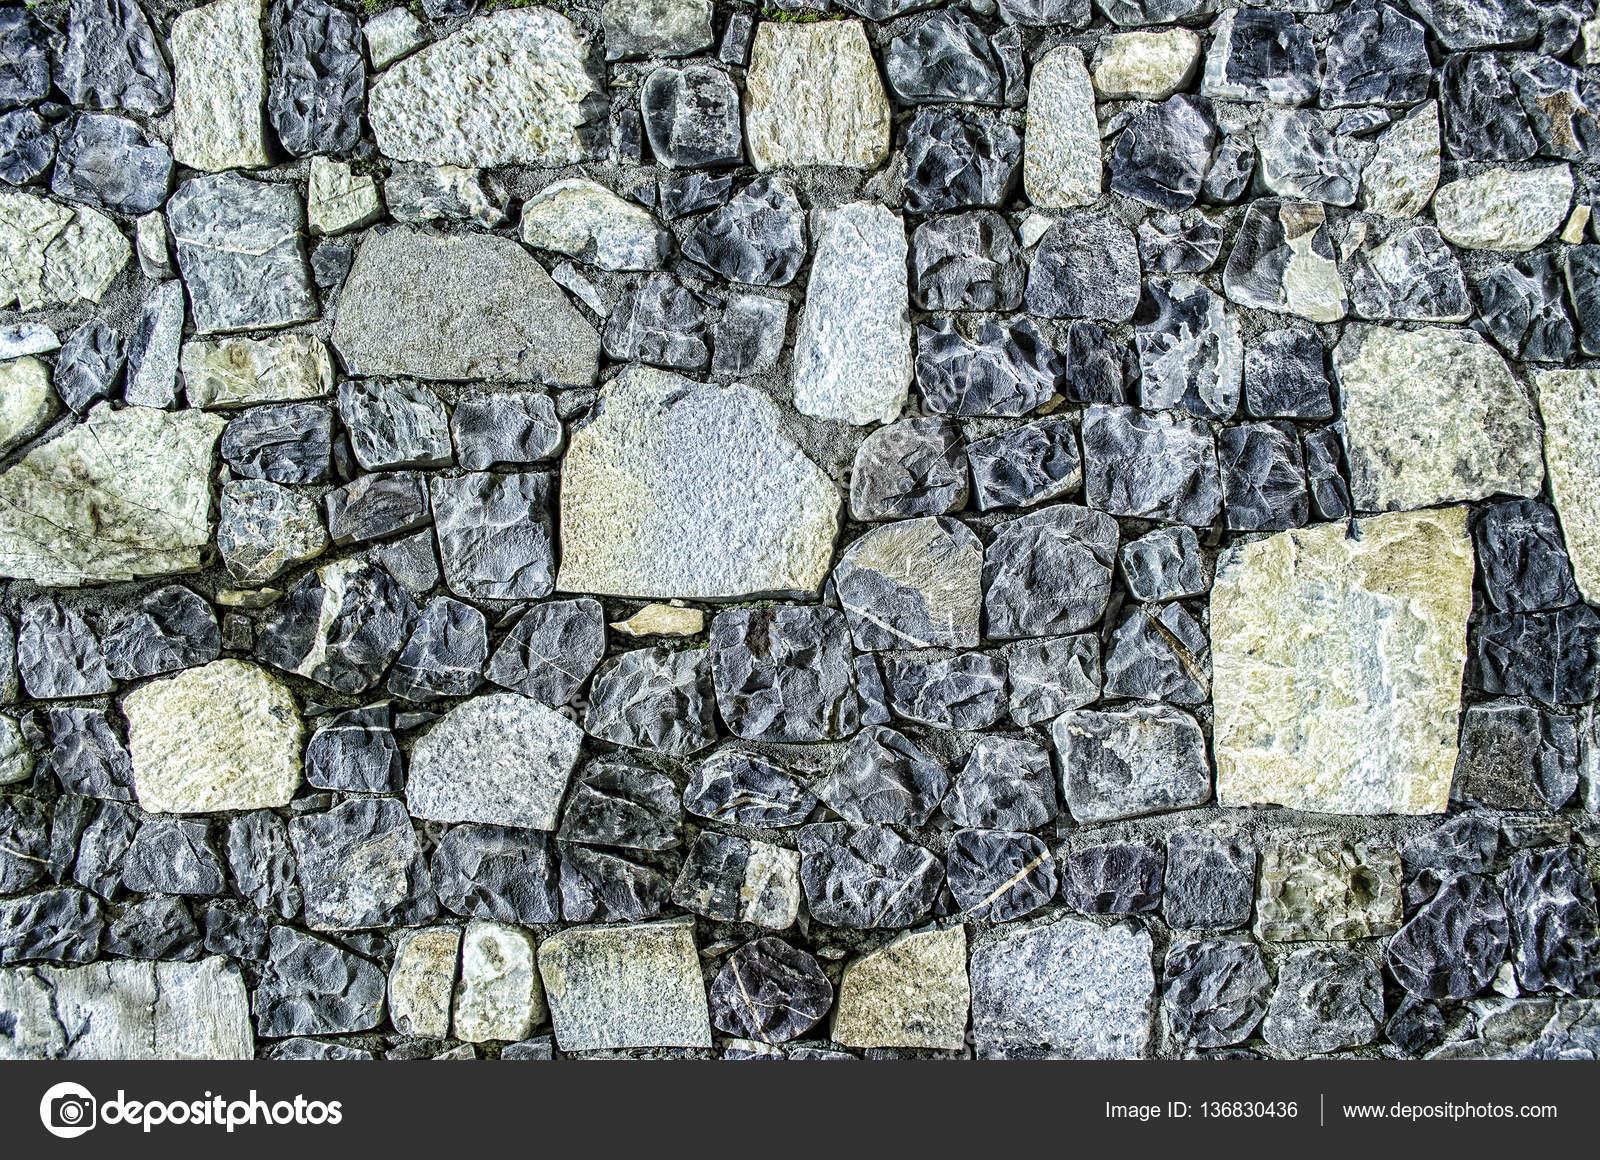 Frammento di vecchio muro di mattoni con fiume pietre texture bianco grigio marrone nero verde ...